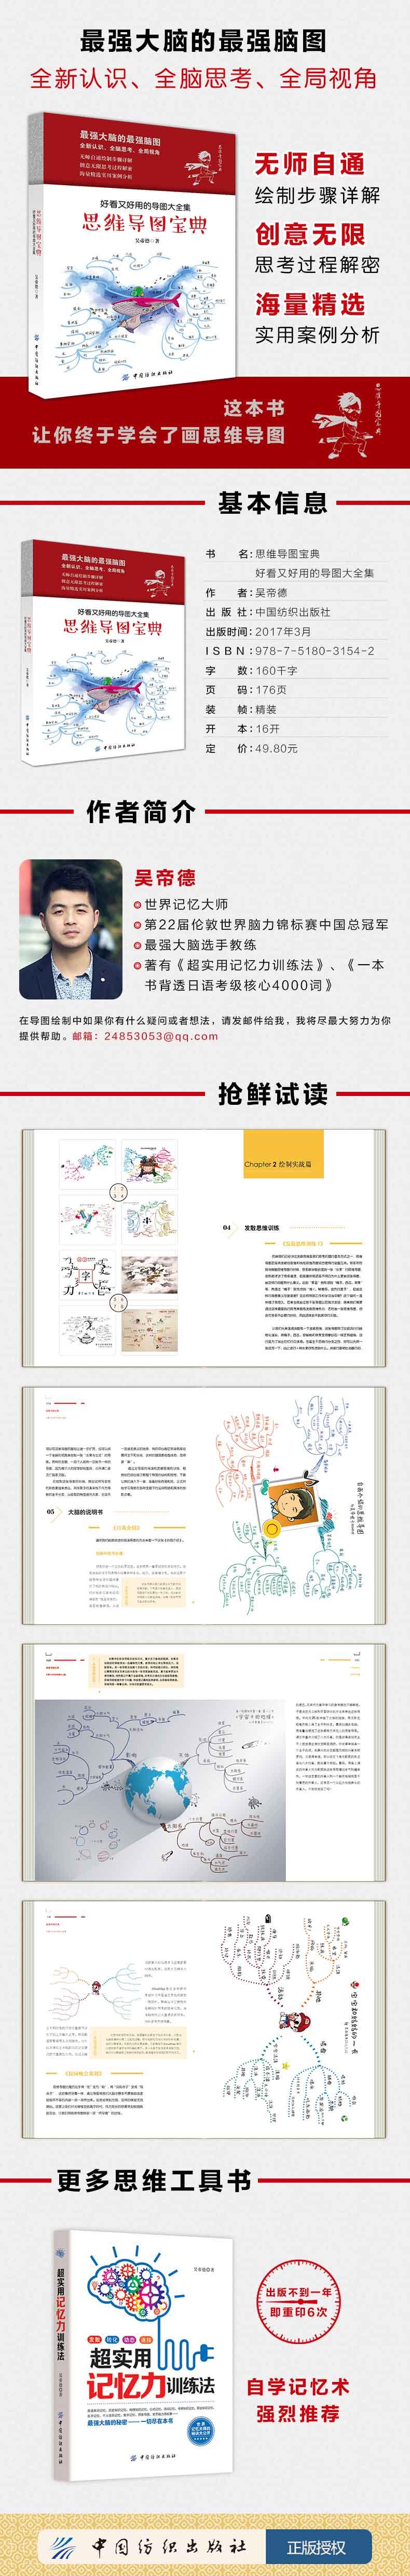 笔记与英语学习/038《初中英语八大时态》/040《濒危动物与分类》/042